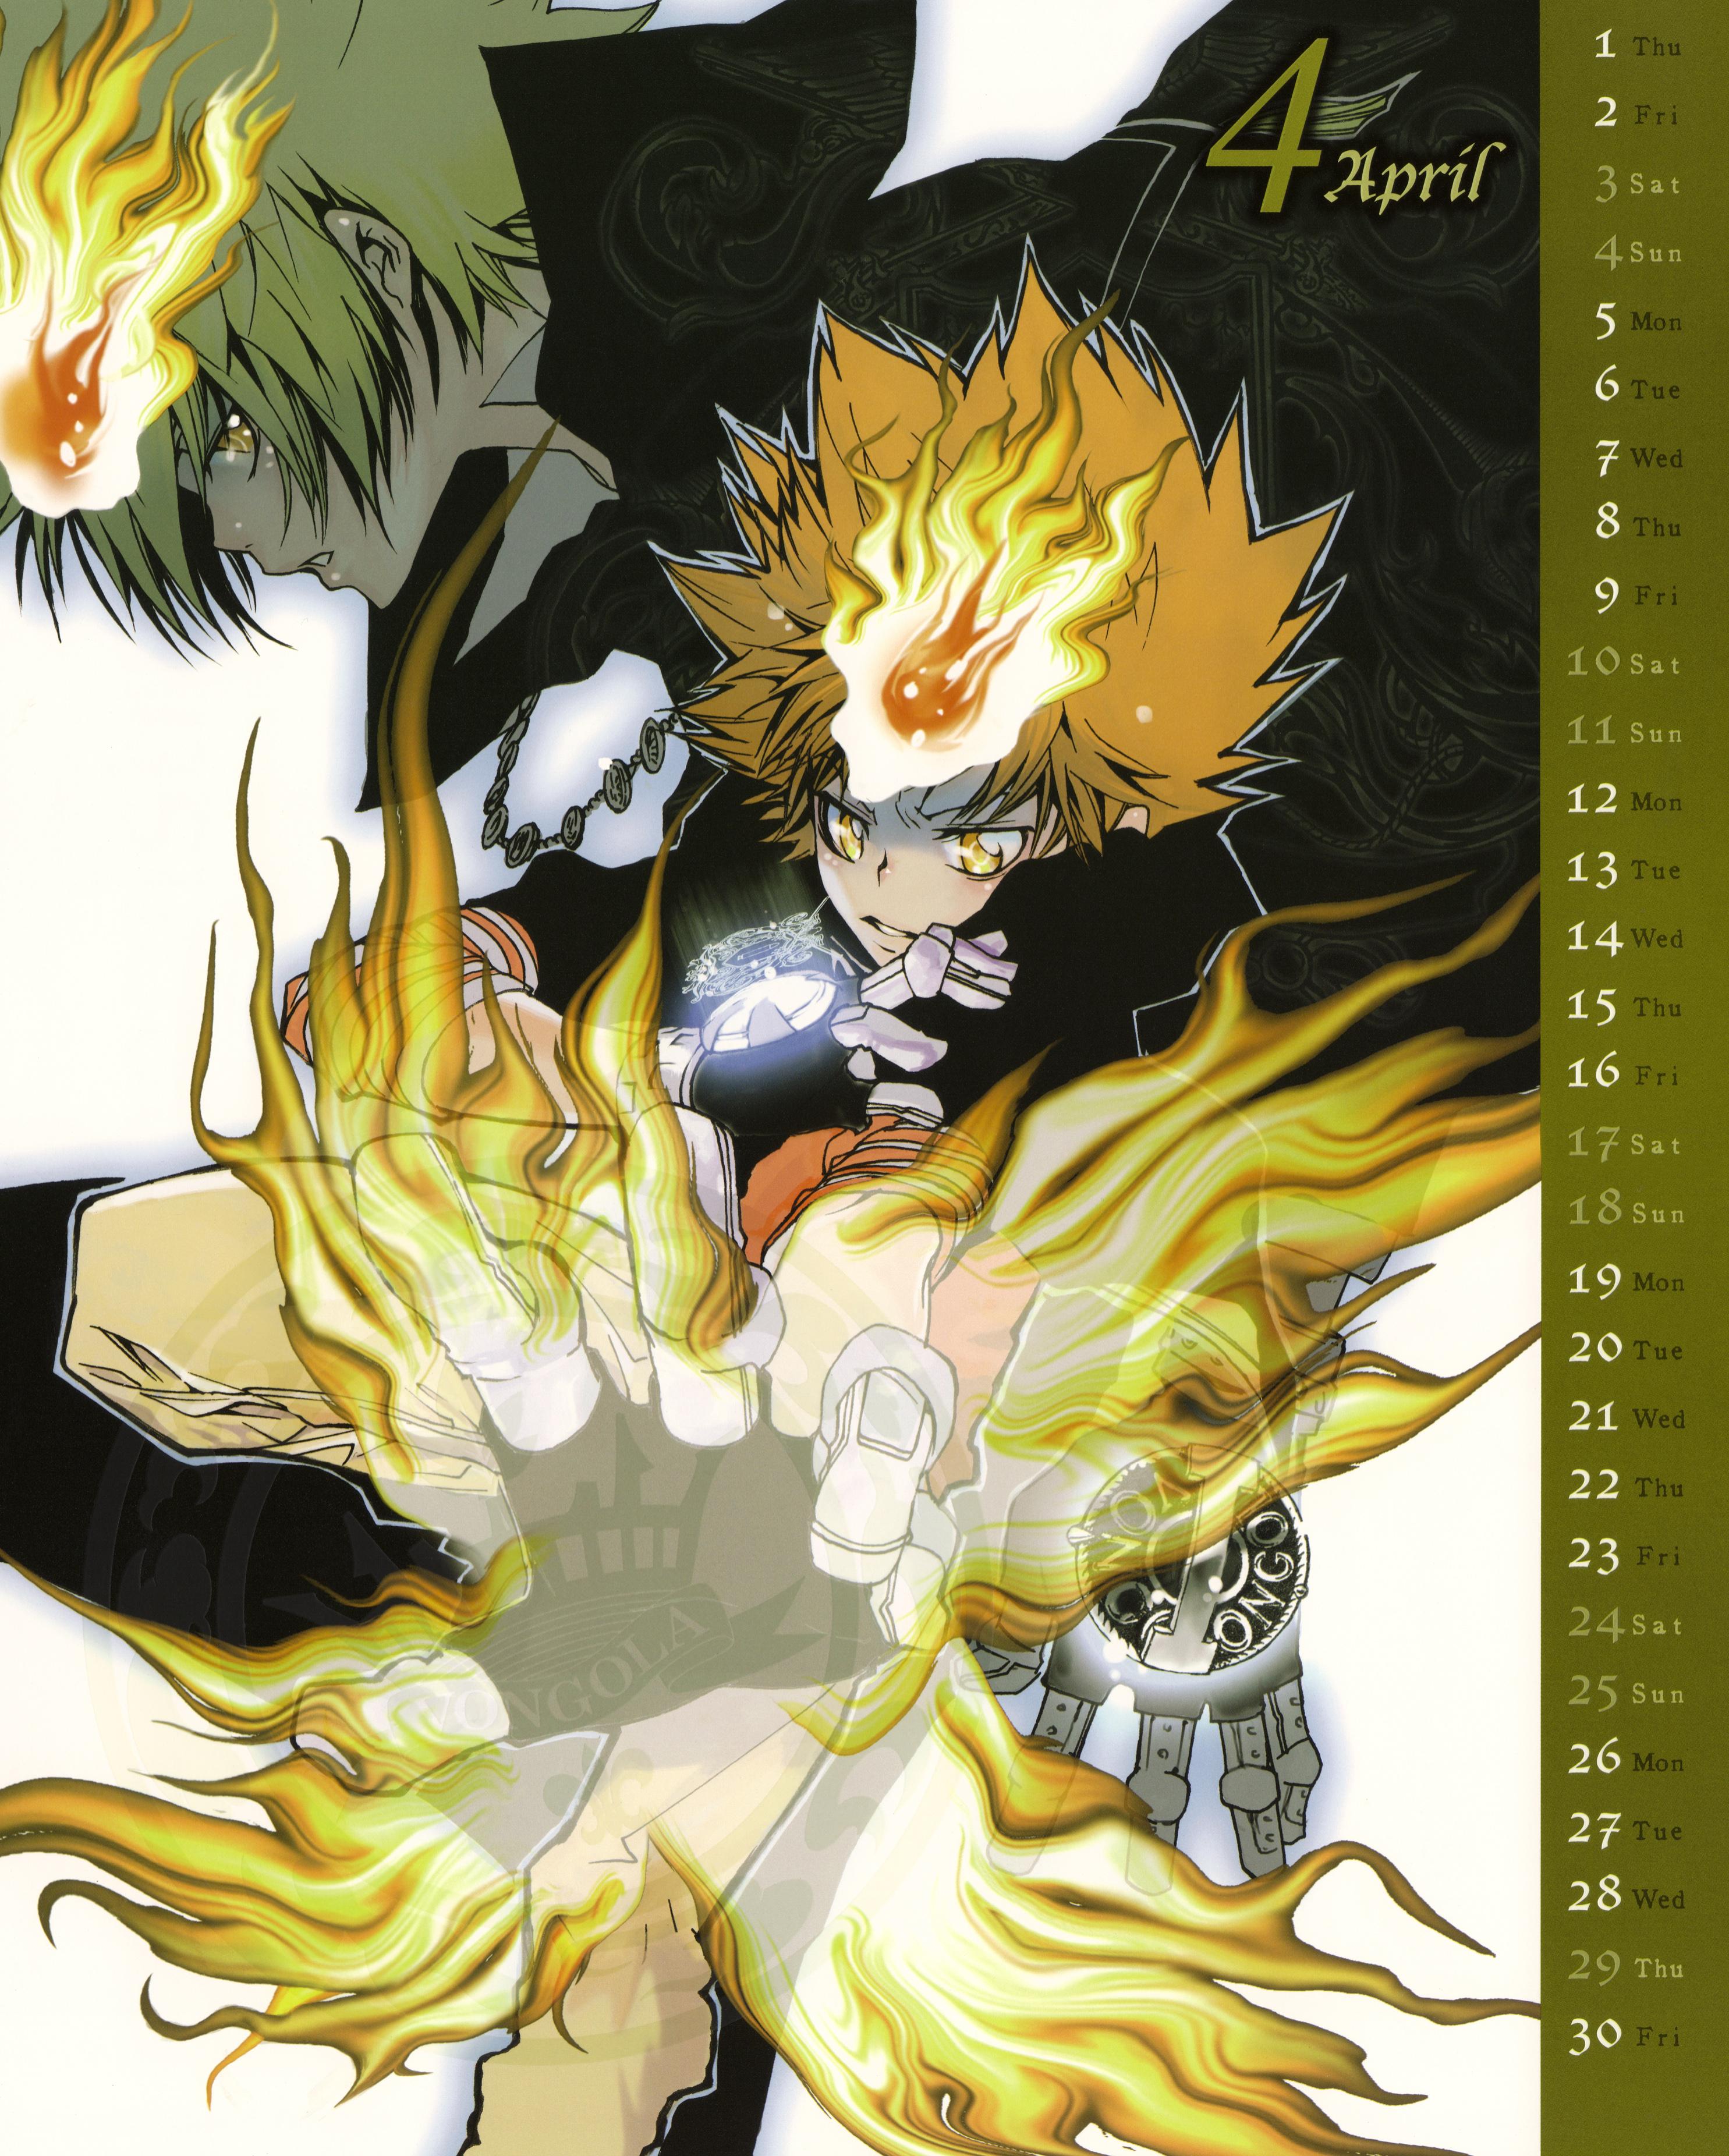 Khr Manga Calendar 2010